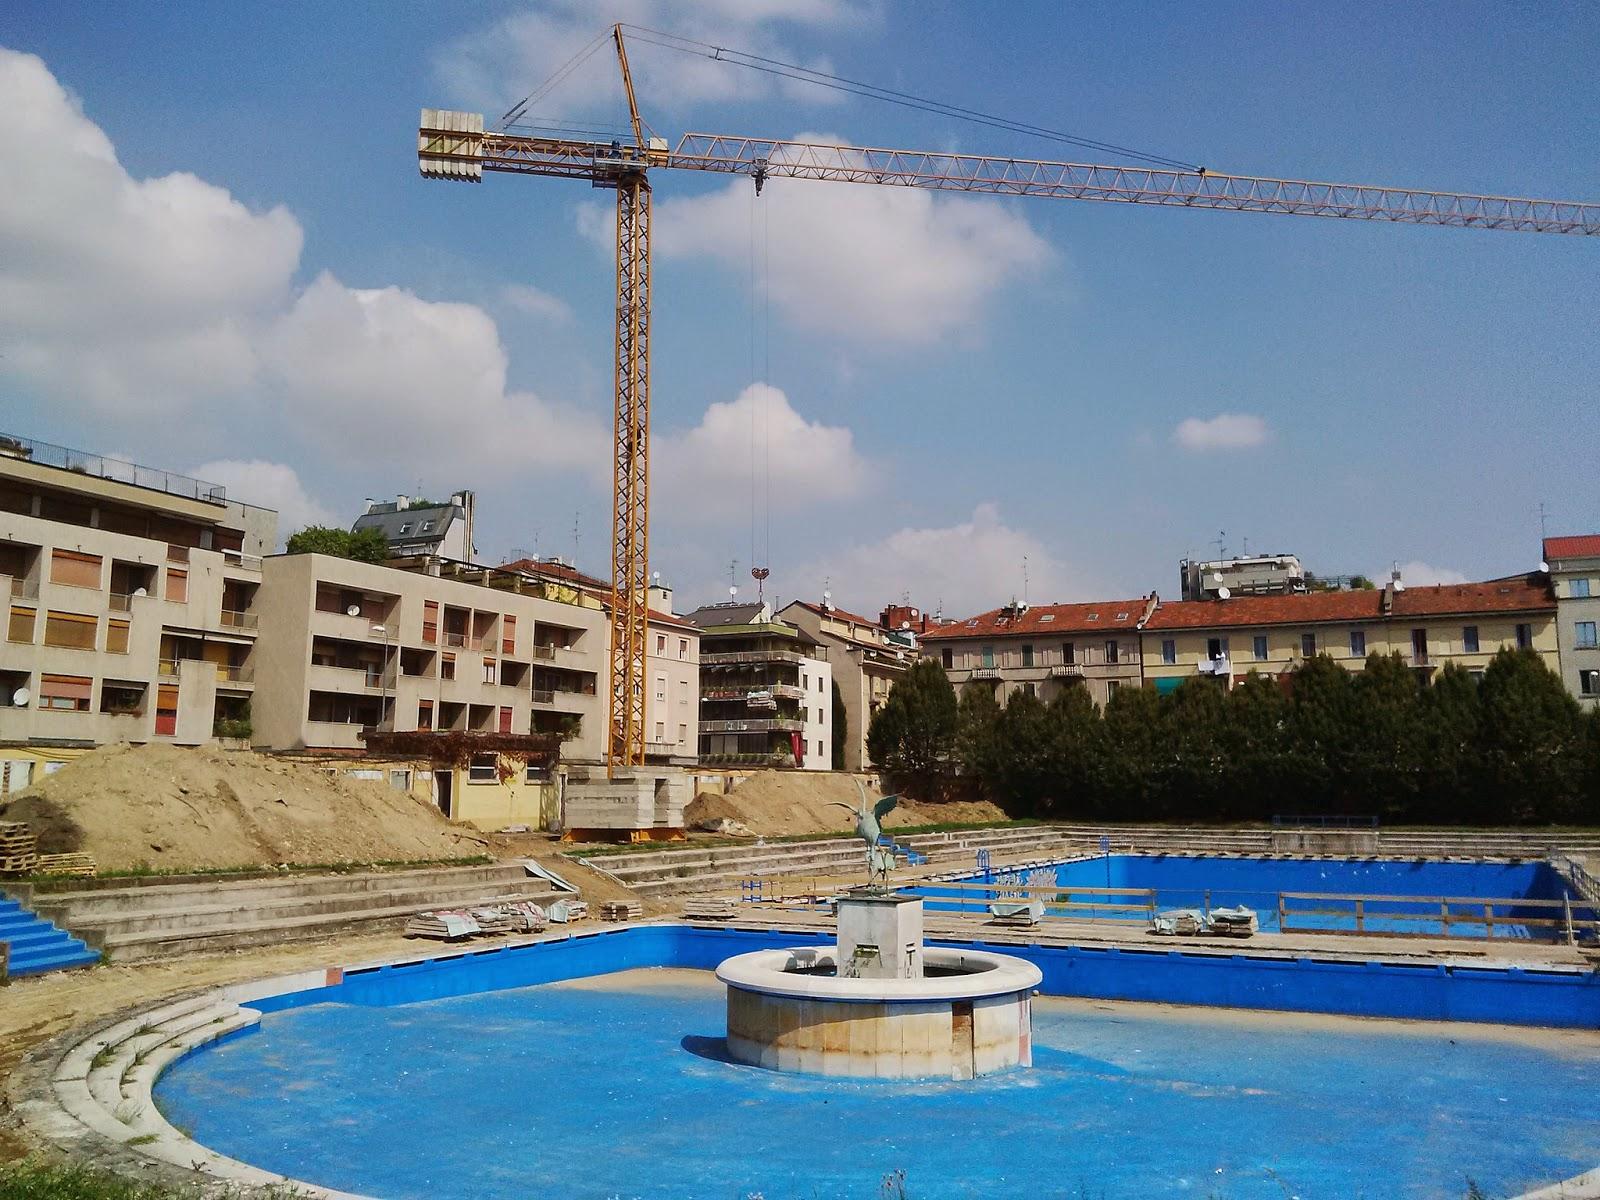 Milano  Porta Romana  Partiti i lavori alla piscina Caimi  Urbanfile Blog